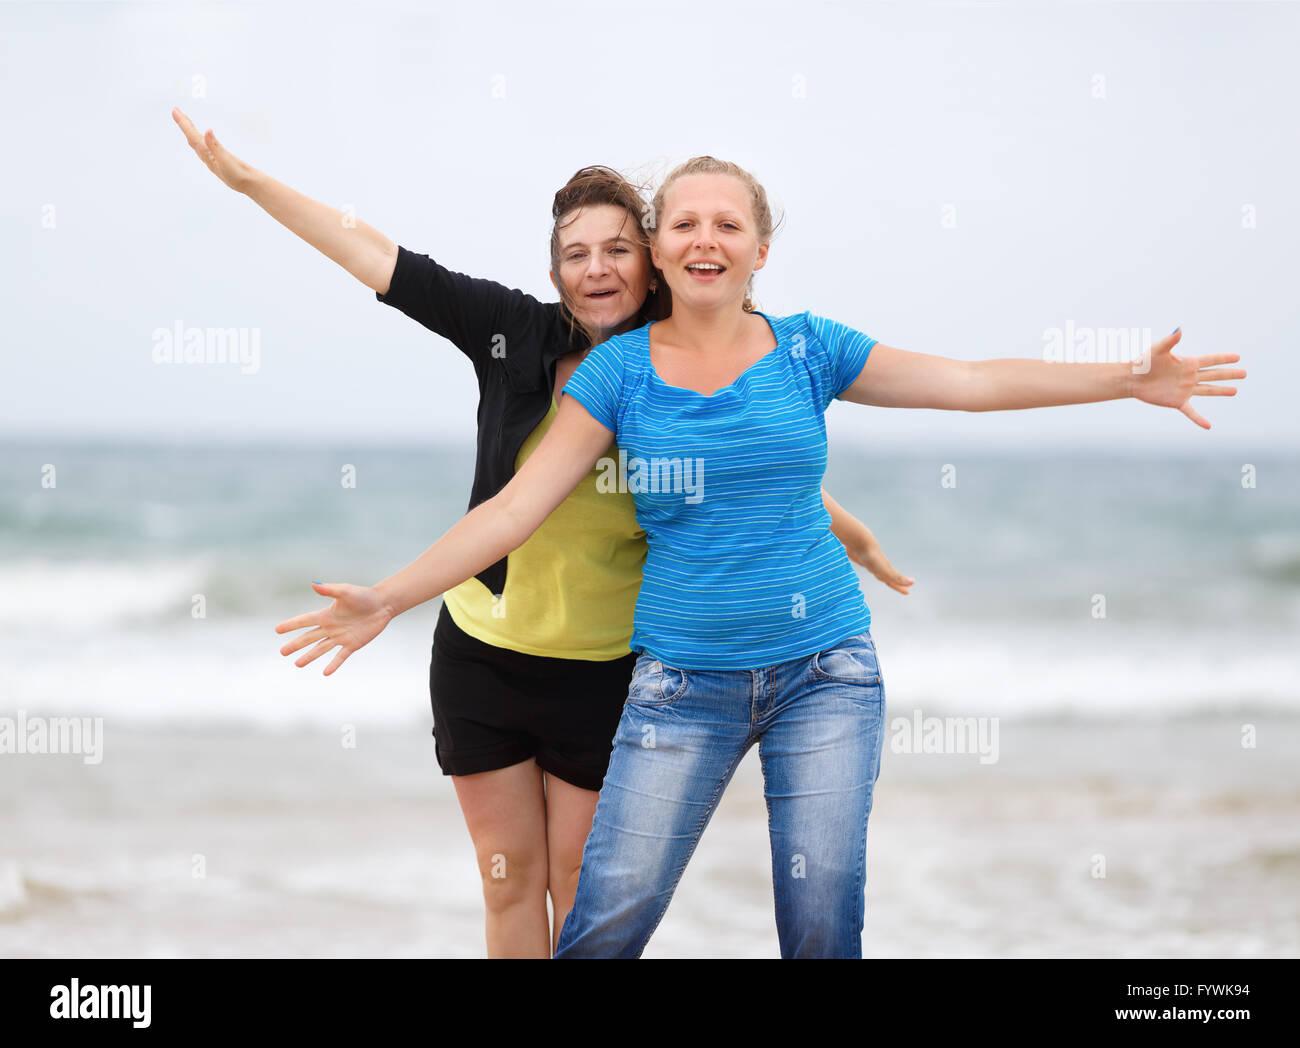 Funny ragazze Immagini Stock